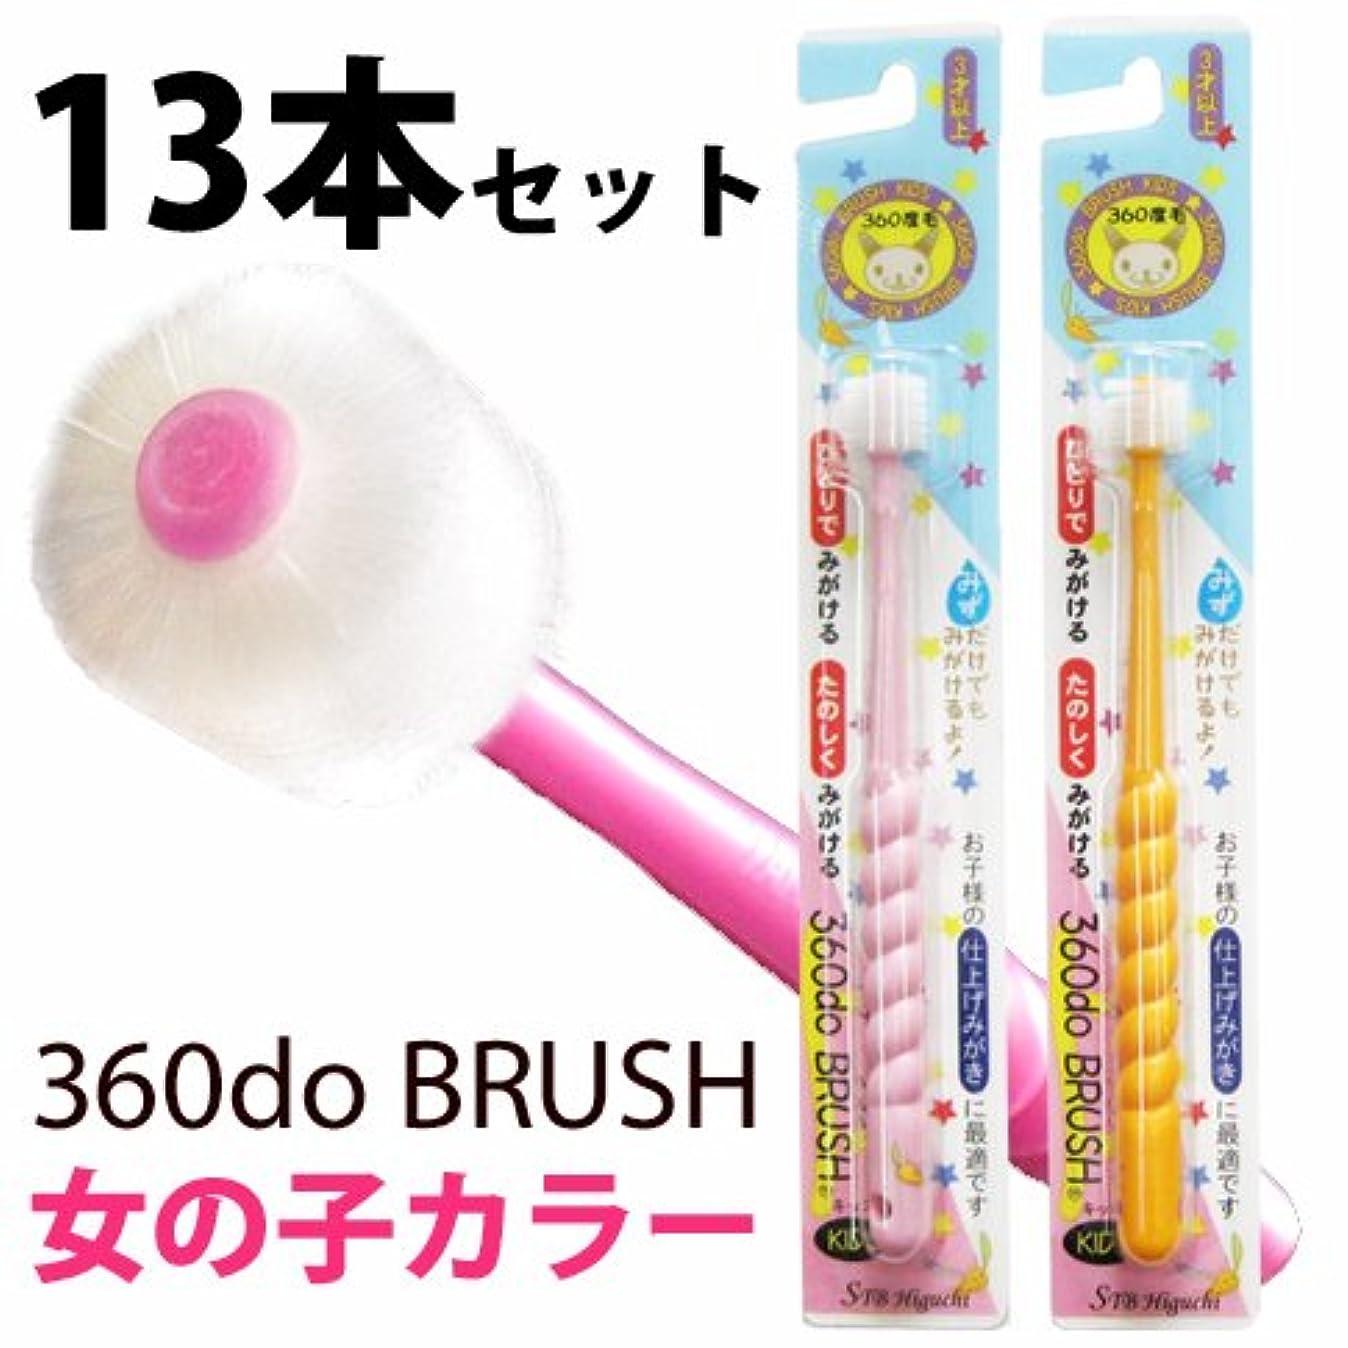 征服する減る略す360do BRUSH 360度歯ブラシ キッズ 女の子用 13本セット